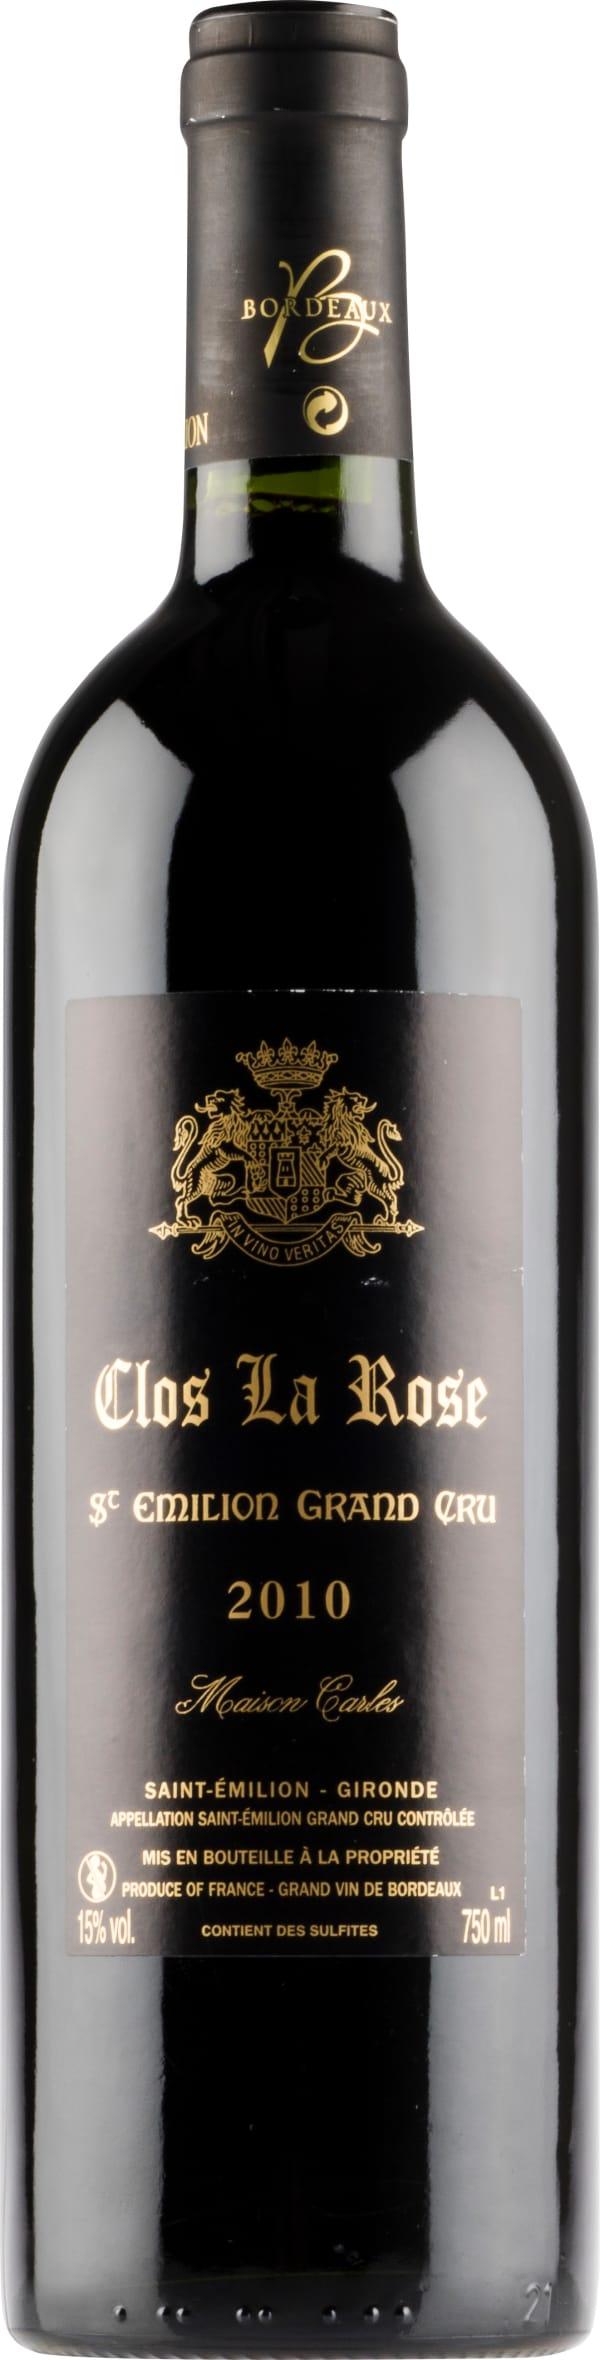 Clos La Rose 2011